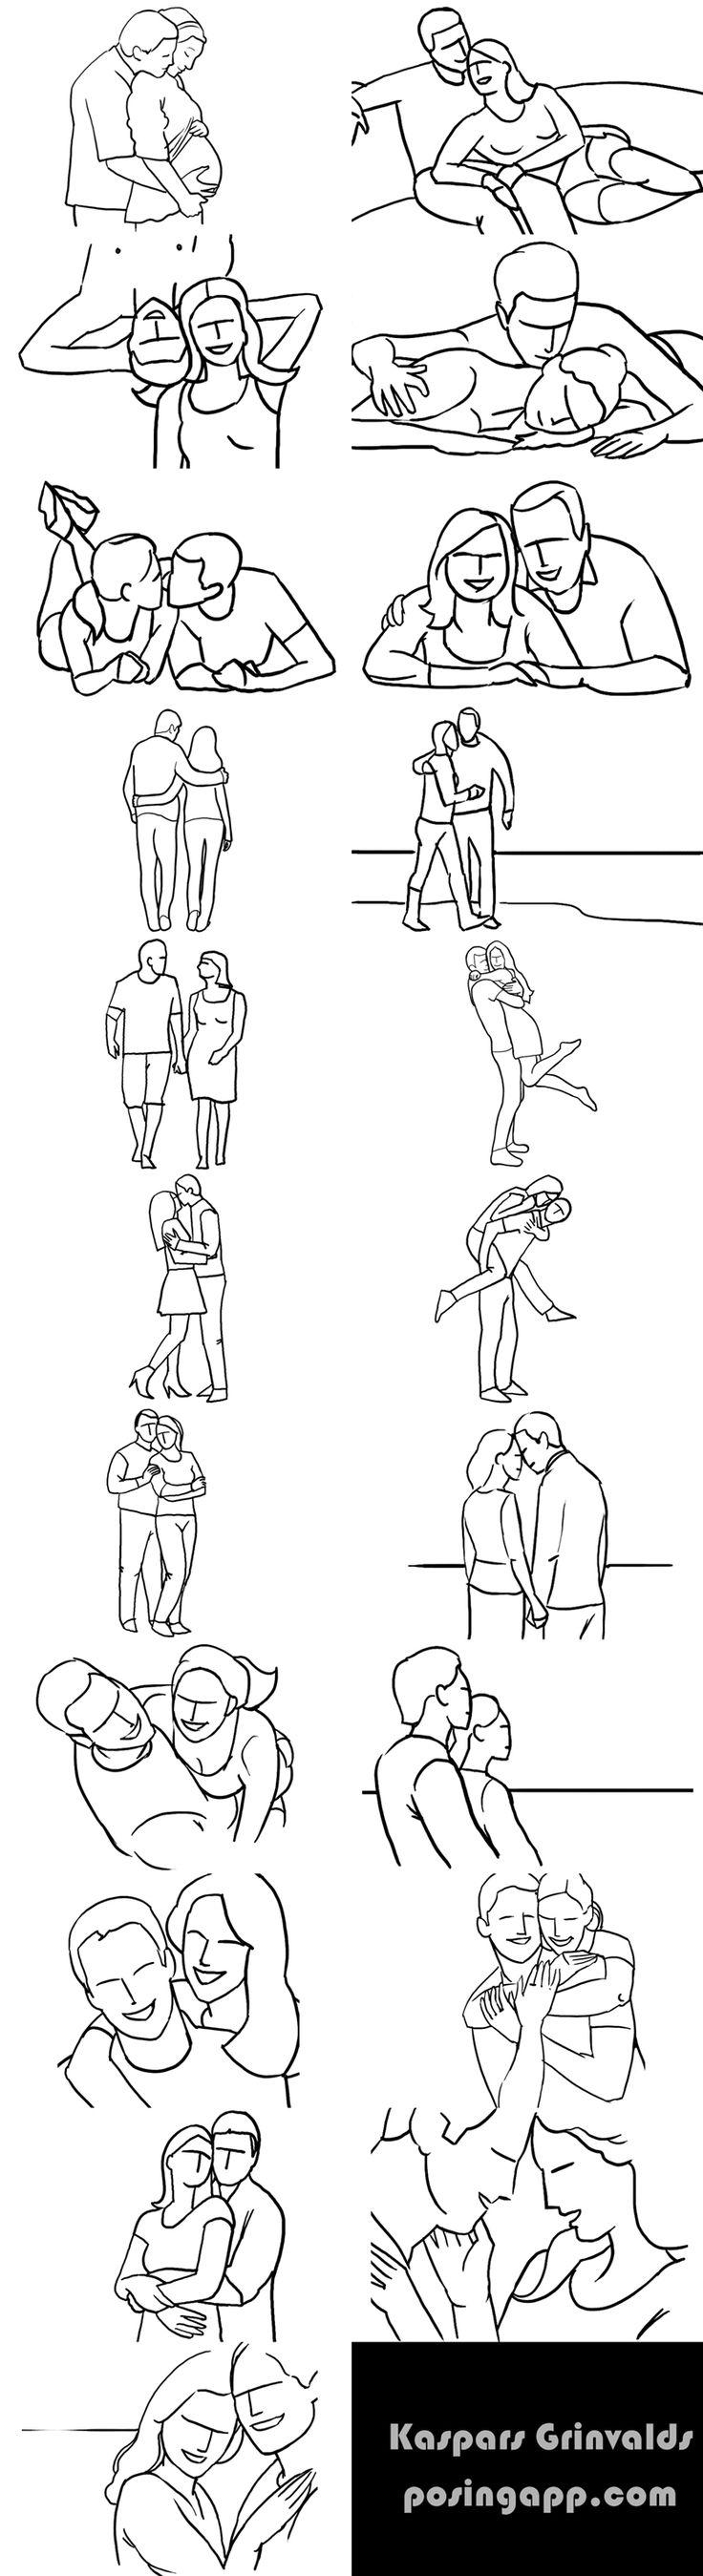 Ideas para poses de fotografia en pareja                                                                                                                                                     Más